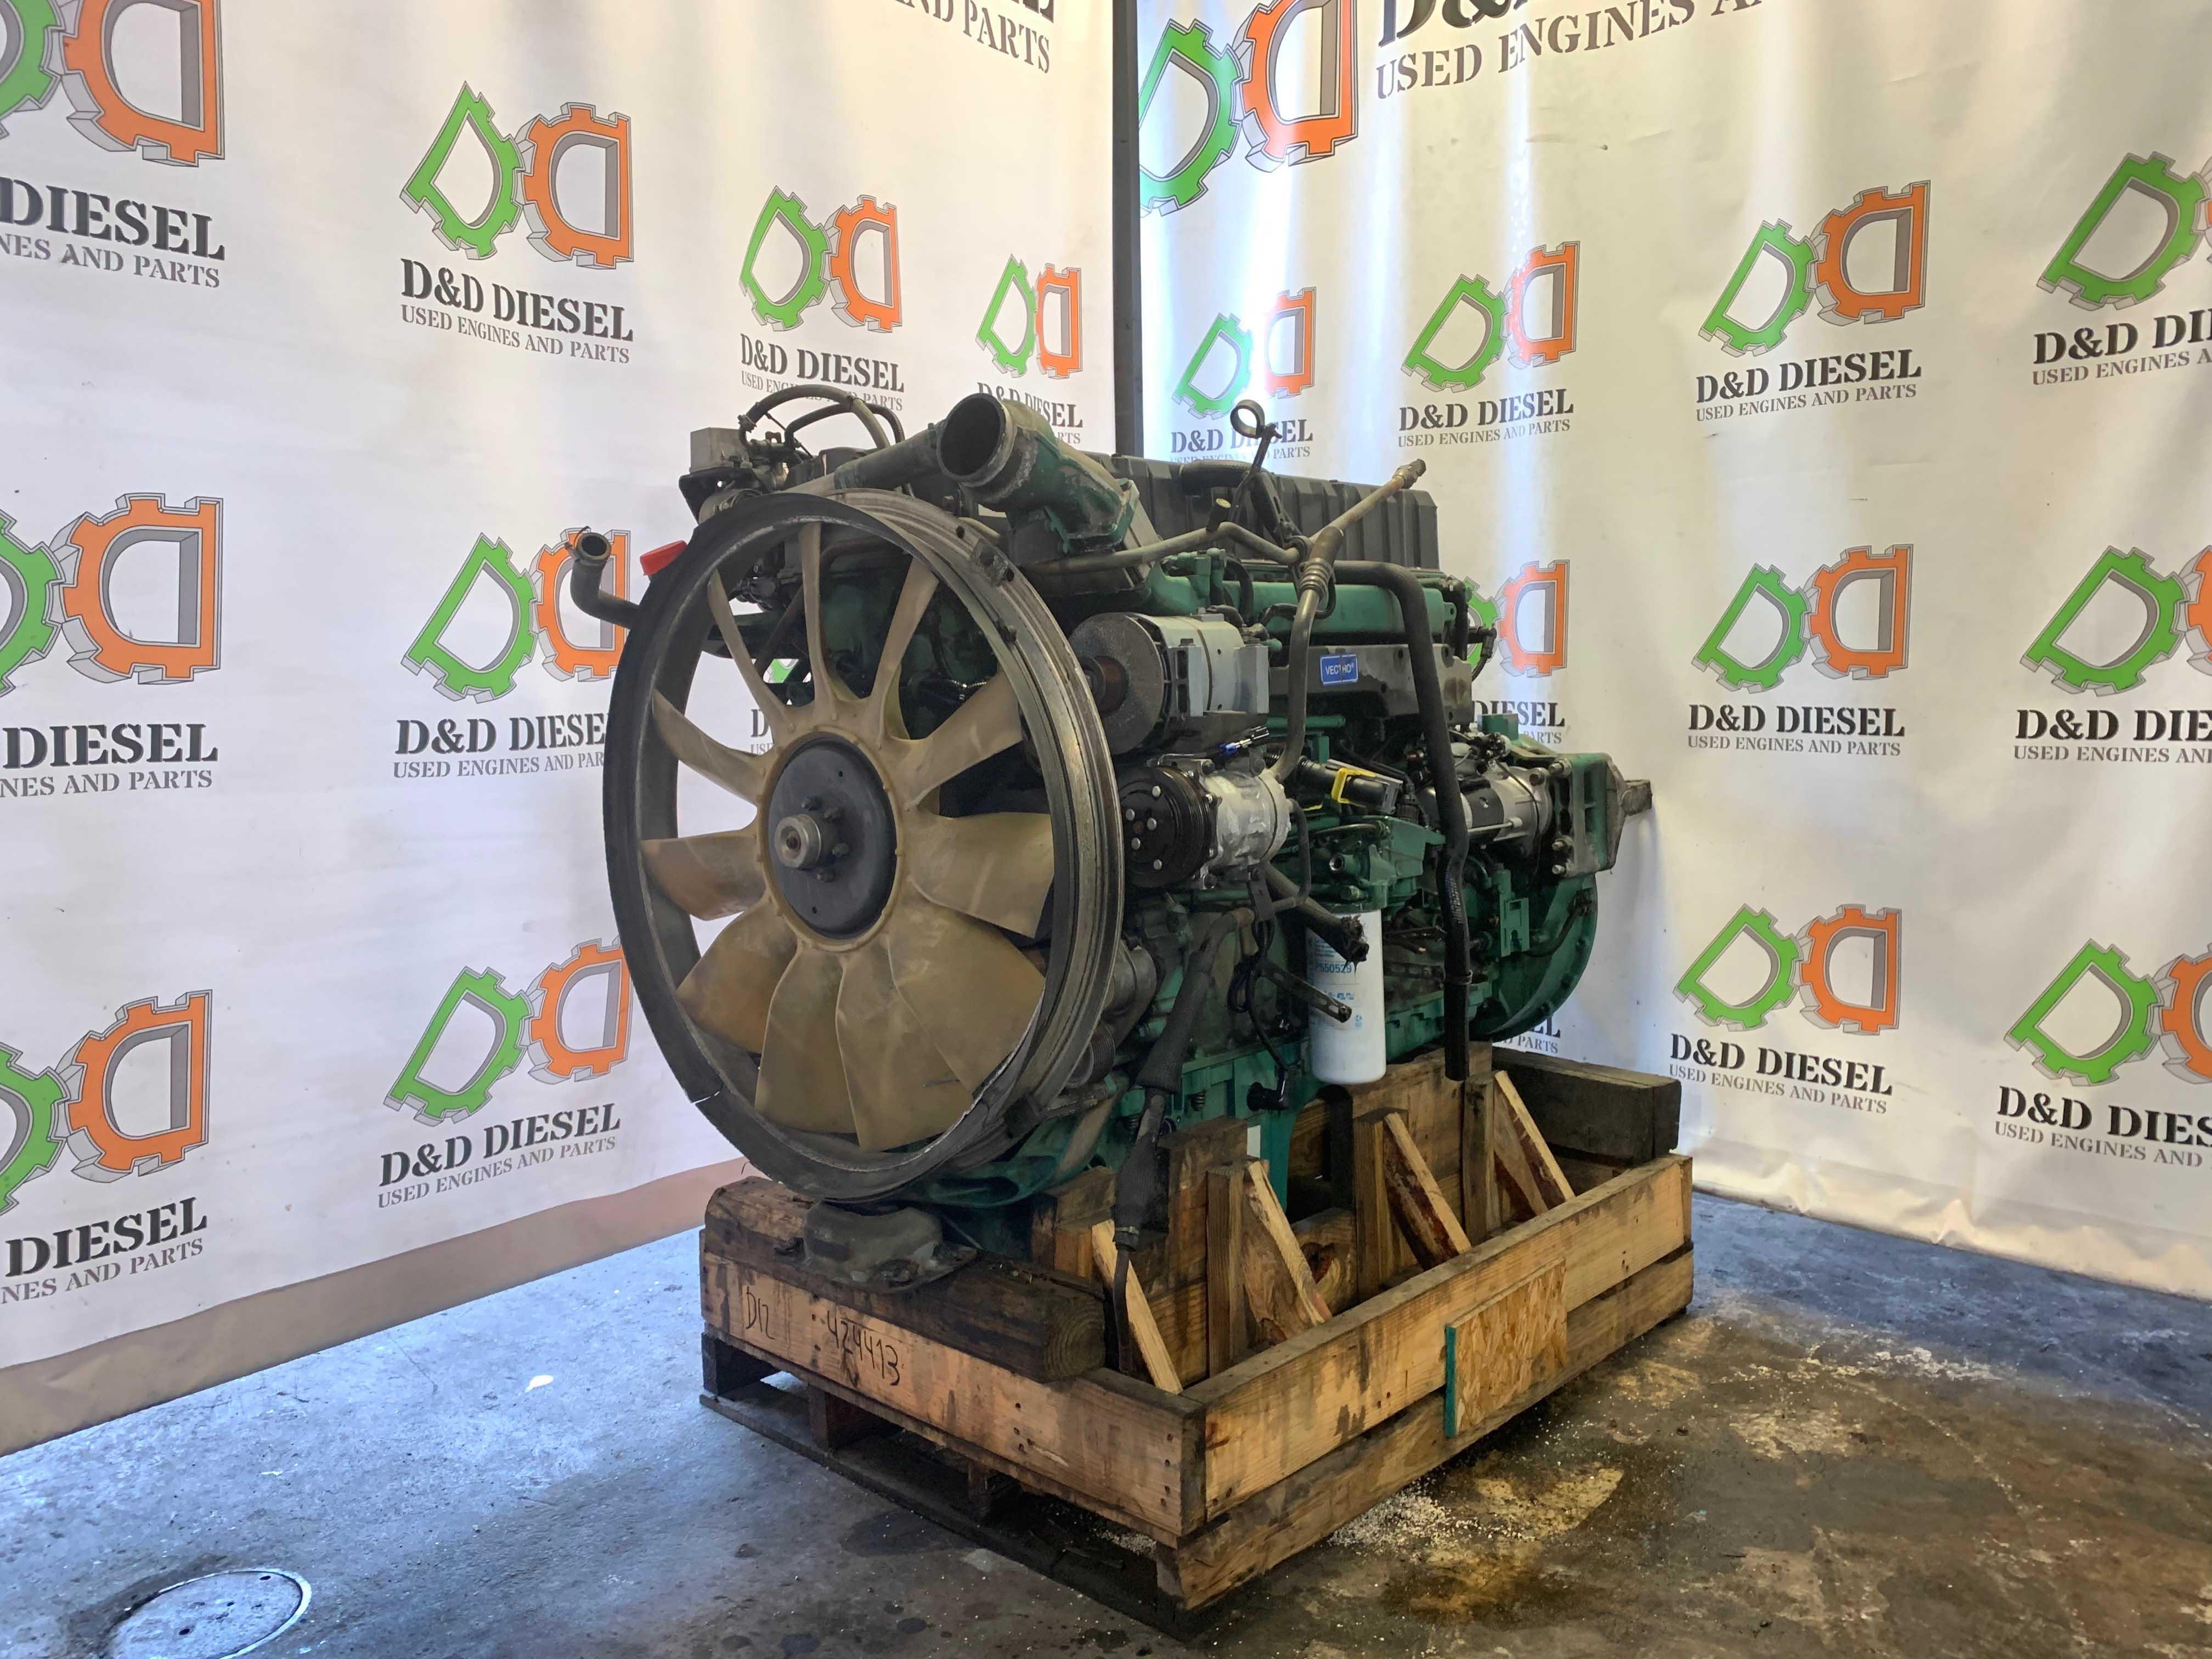 Used Volvo Diesel D12 Engine For Sale #424413 - D&D Diesel   Volvo D12a Engine Diagram      D&D Diesel